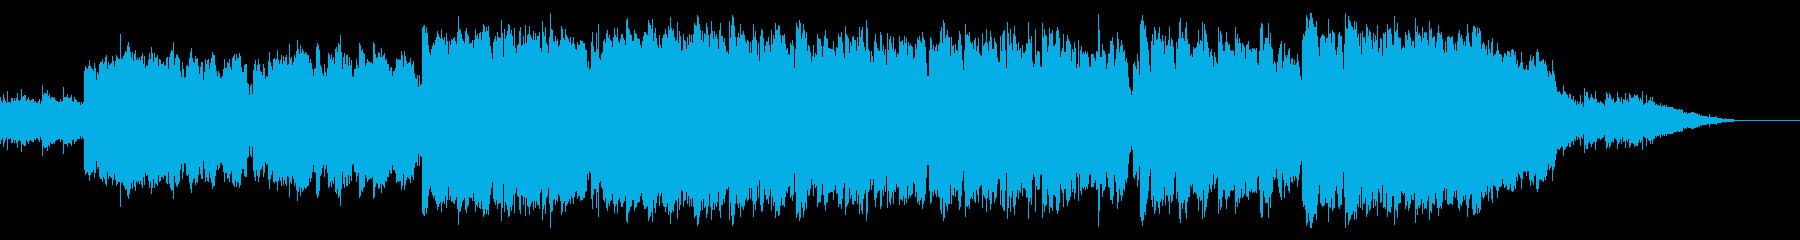 ドキュメンタリーに合う幻想的なケルト曲の再生済みの波形